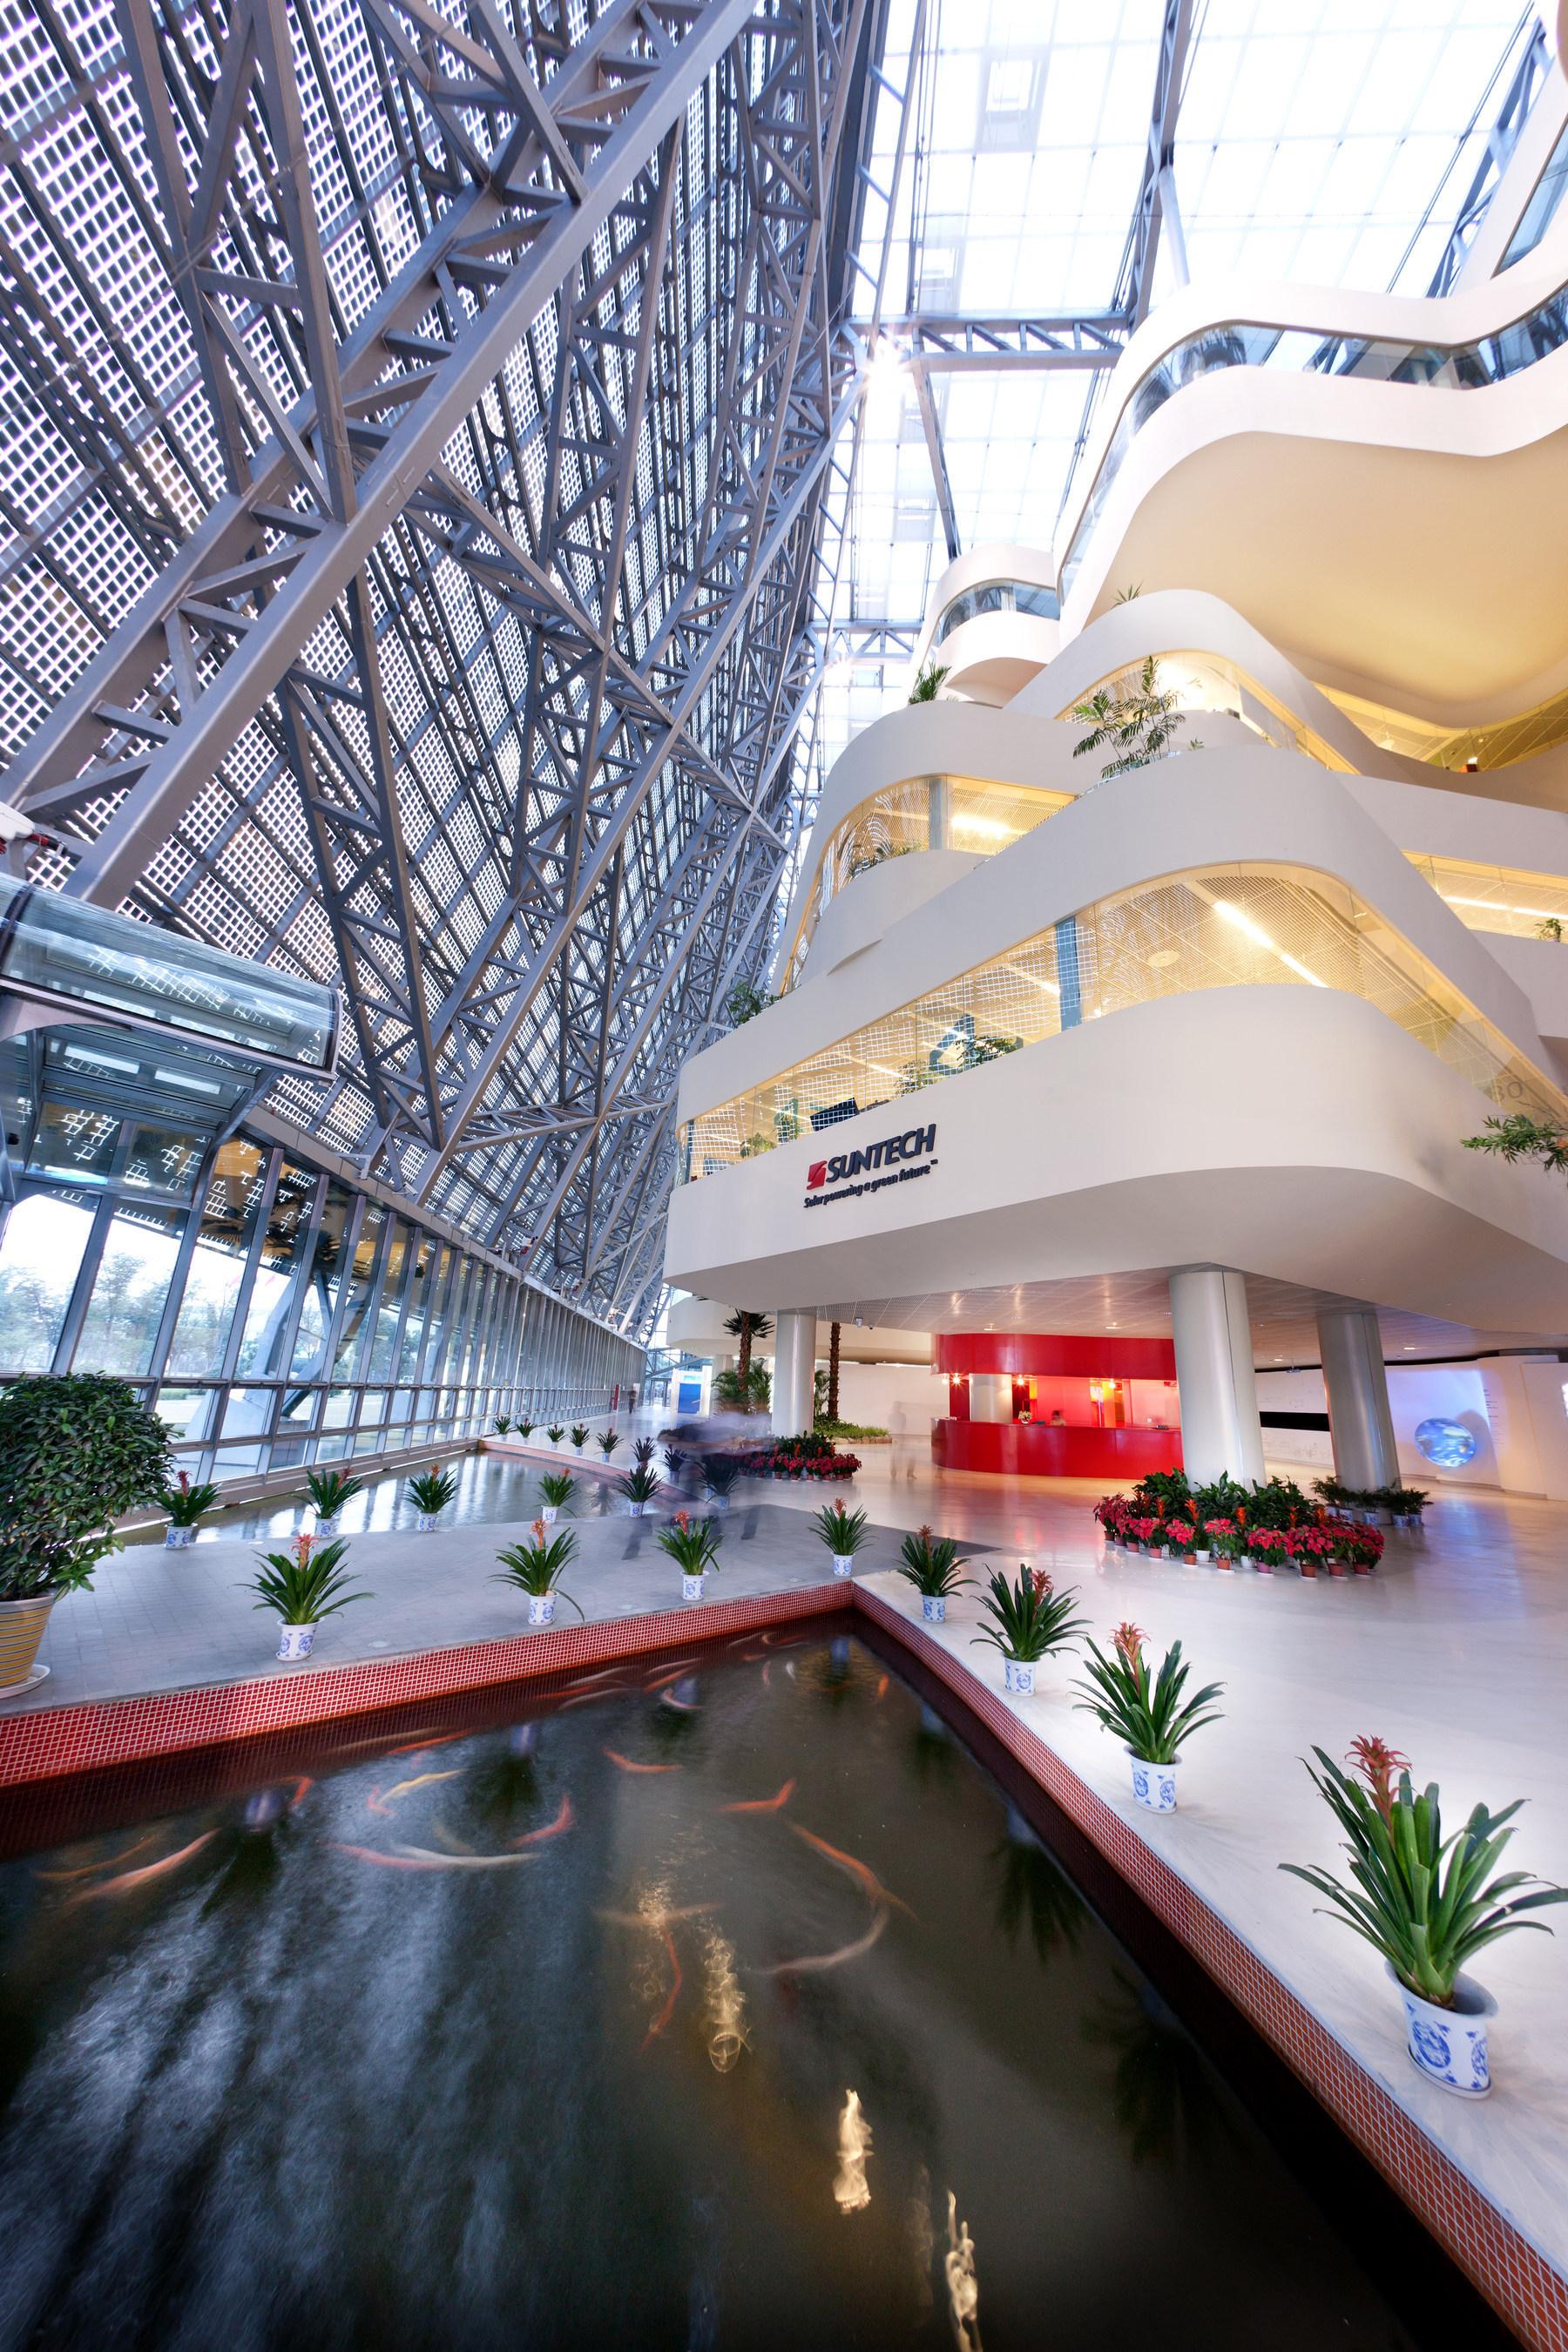 Suntech élargit sa présence au Benelux avec de nouveaux partenariats et projets